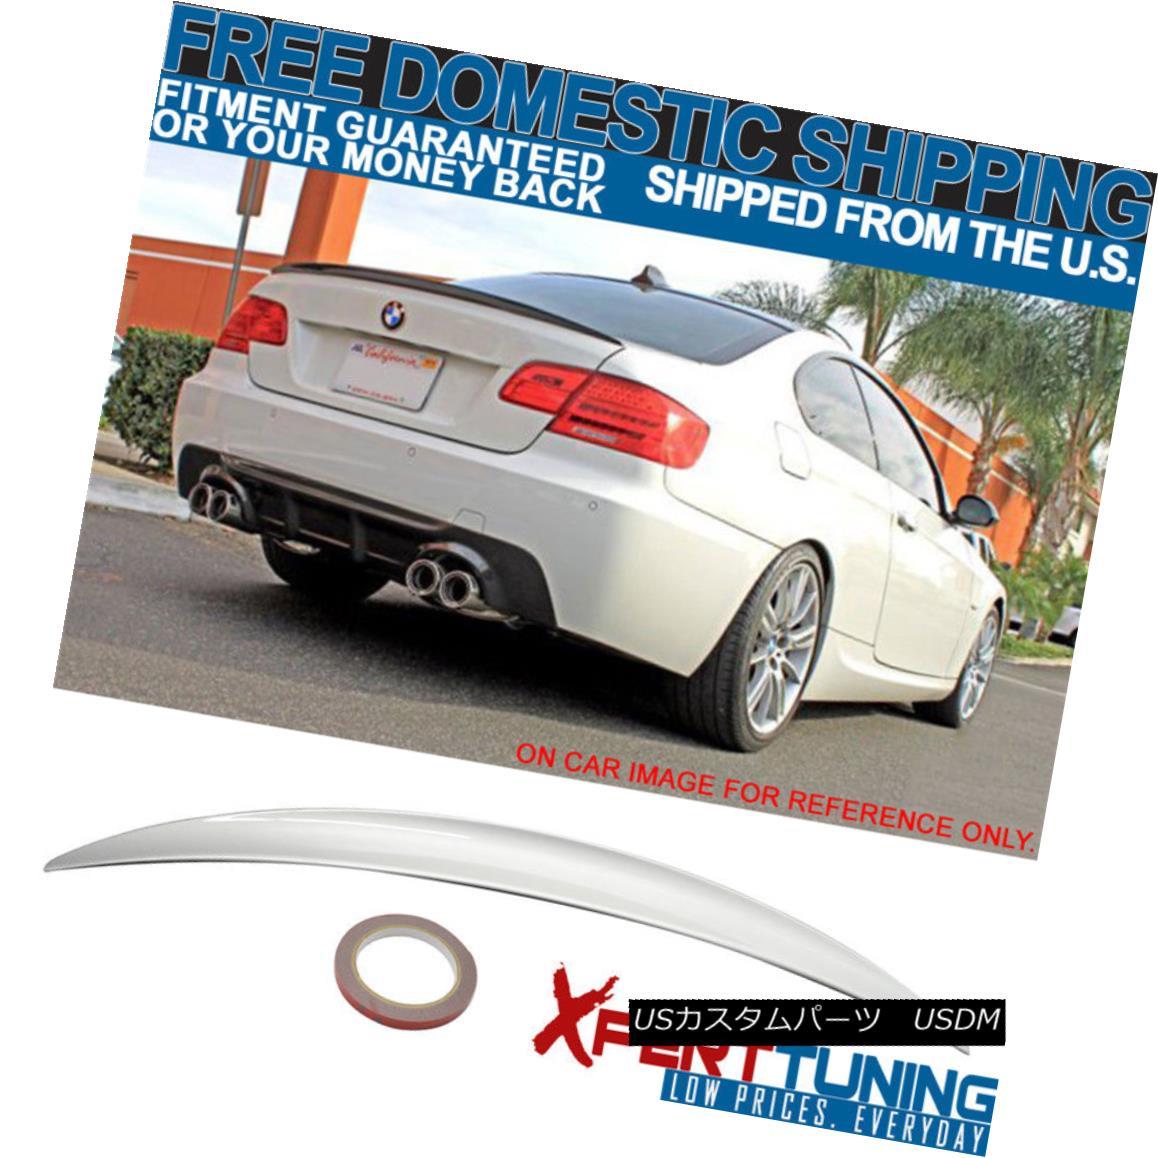 【限定価格セール!】 エアロパーツ FIT 07-13 BMW BMW 3 Series E93 Trunk 07-13 Spoiler Trunk Painted Titanium Silver Metallic #354 FIT 07-13 BMW 3シリーズE93トランクスポイラーペイントチタンシルバーメタリック#354, ビワールデコ:0b595f8e --- esef.localized.me